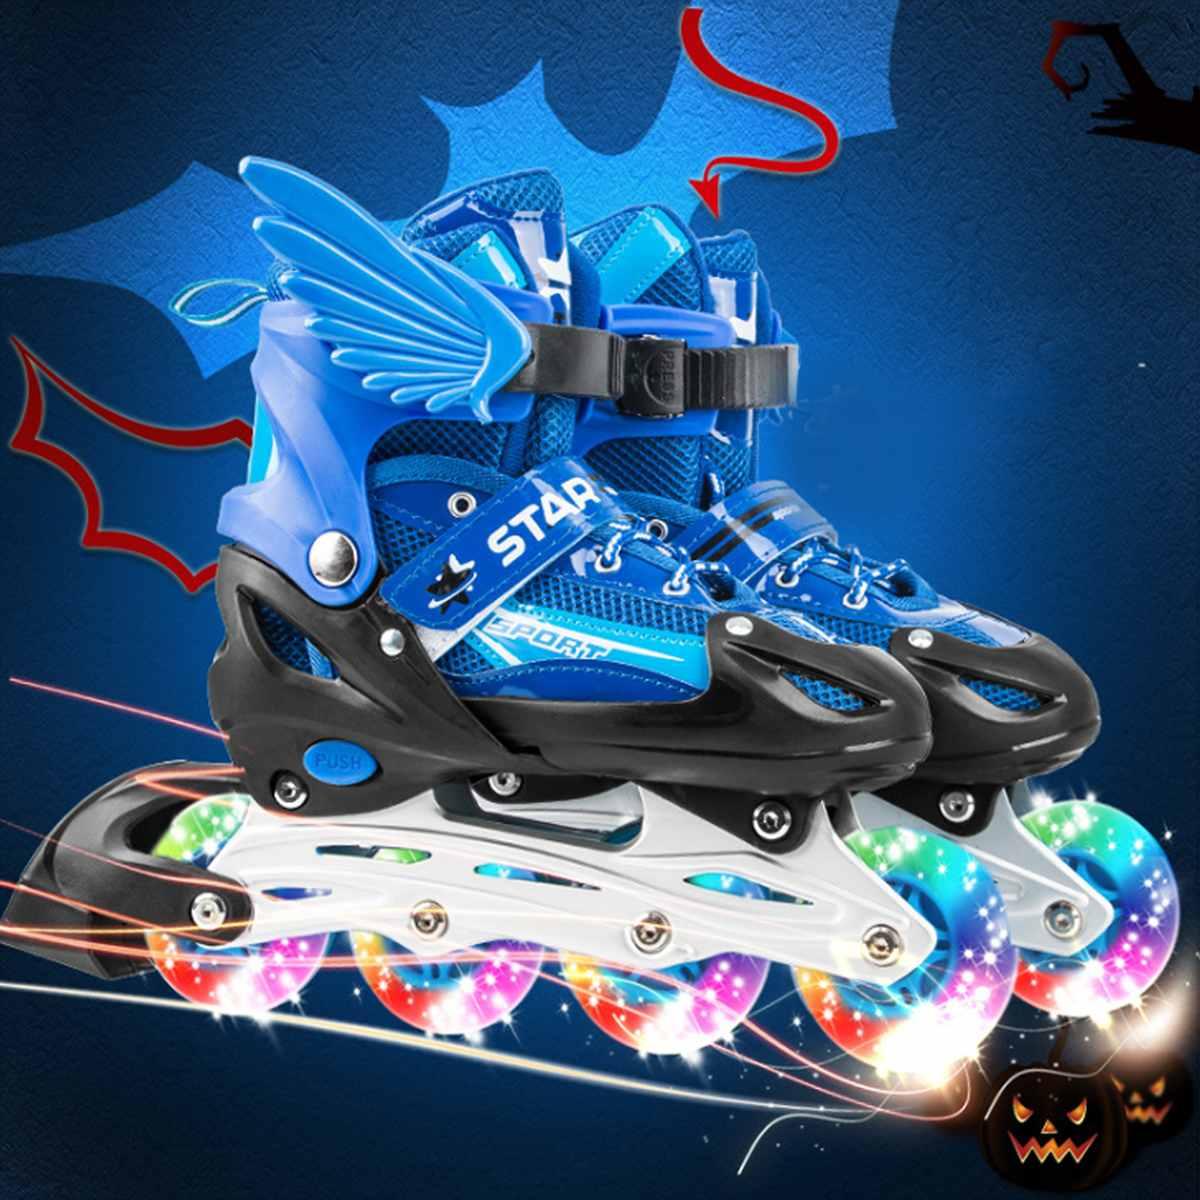 Patins à roulettes patins à roues alignées avec 4 roues chaussures de patinage à roulettes pour enfants filles garçons cadeaux